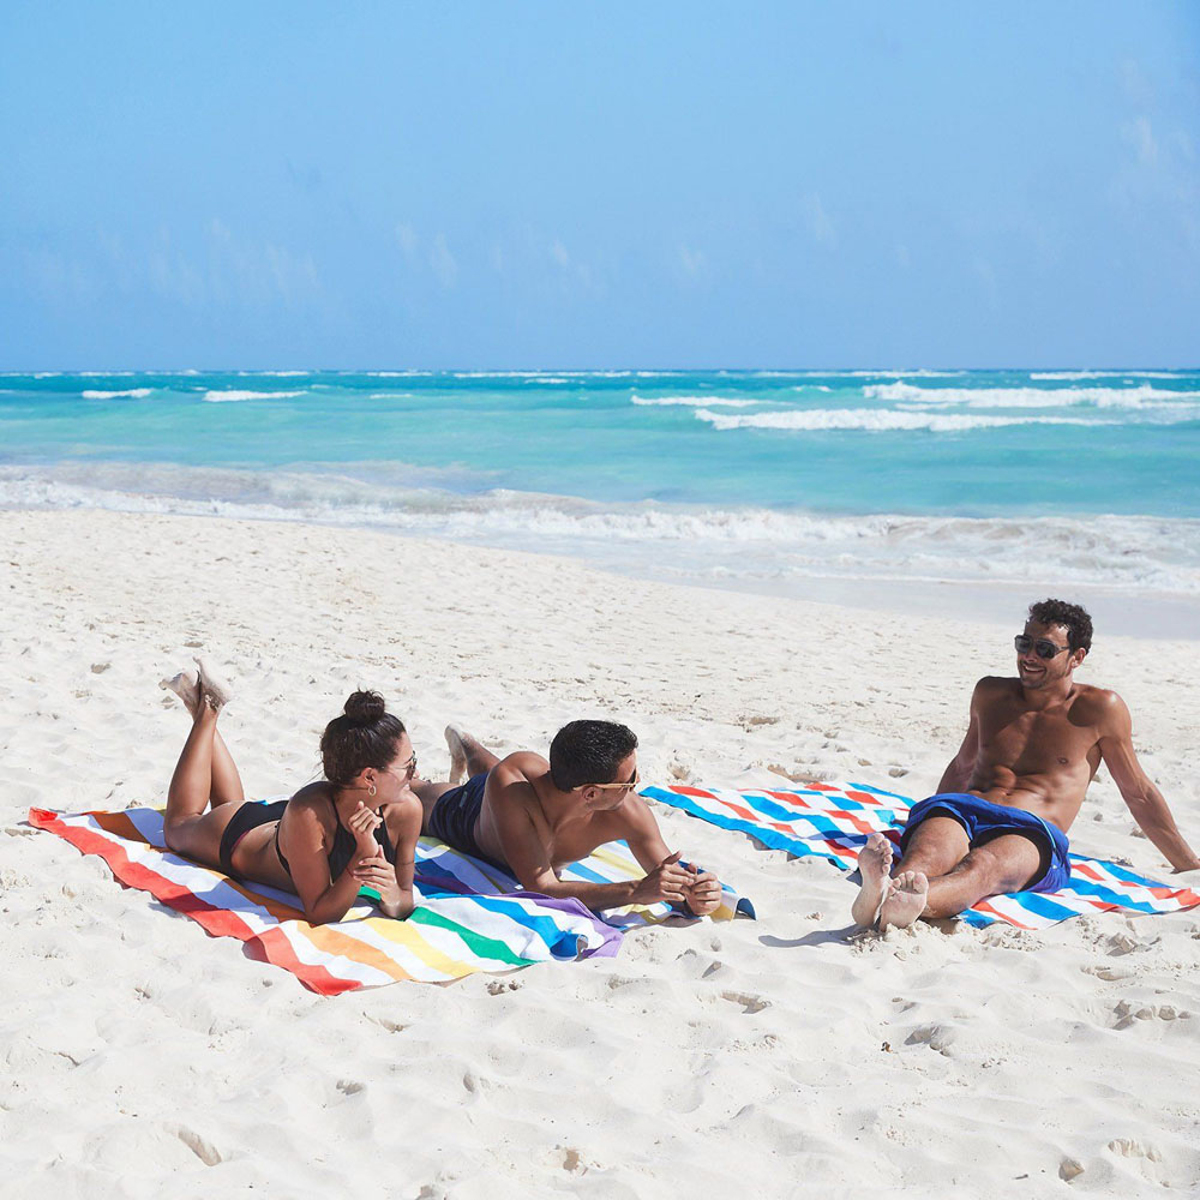 世界のビーチから生まれた「バカンスタオル」|《2020新色/ビーチタオル》水をサッと吸収、砂がつかないマイクロファイバー製のカラフルタオル|DOCK & BAY SUMMER LARGE